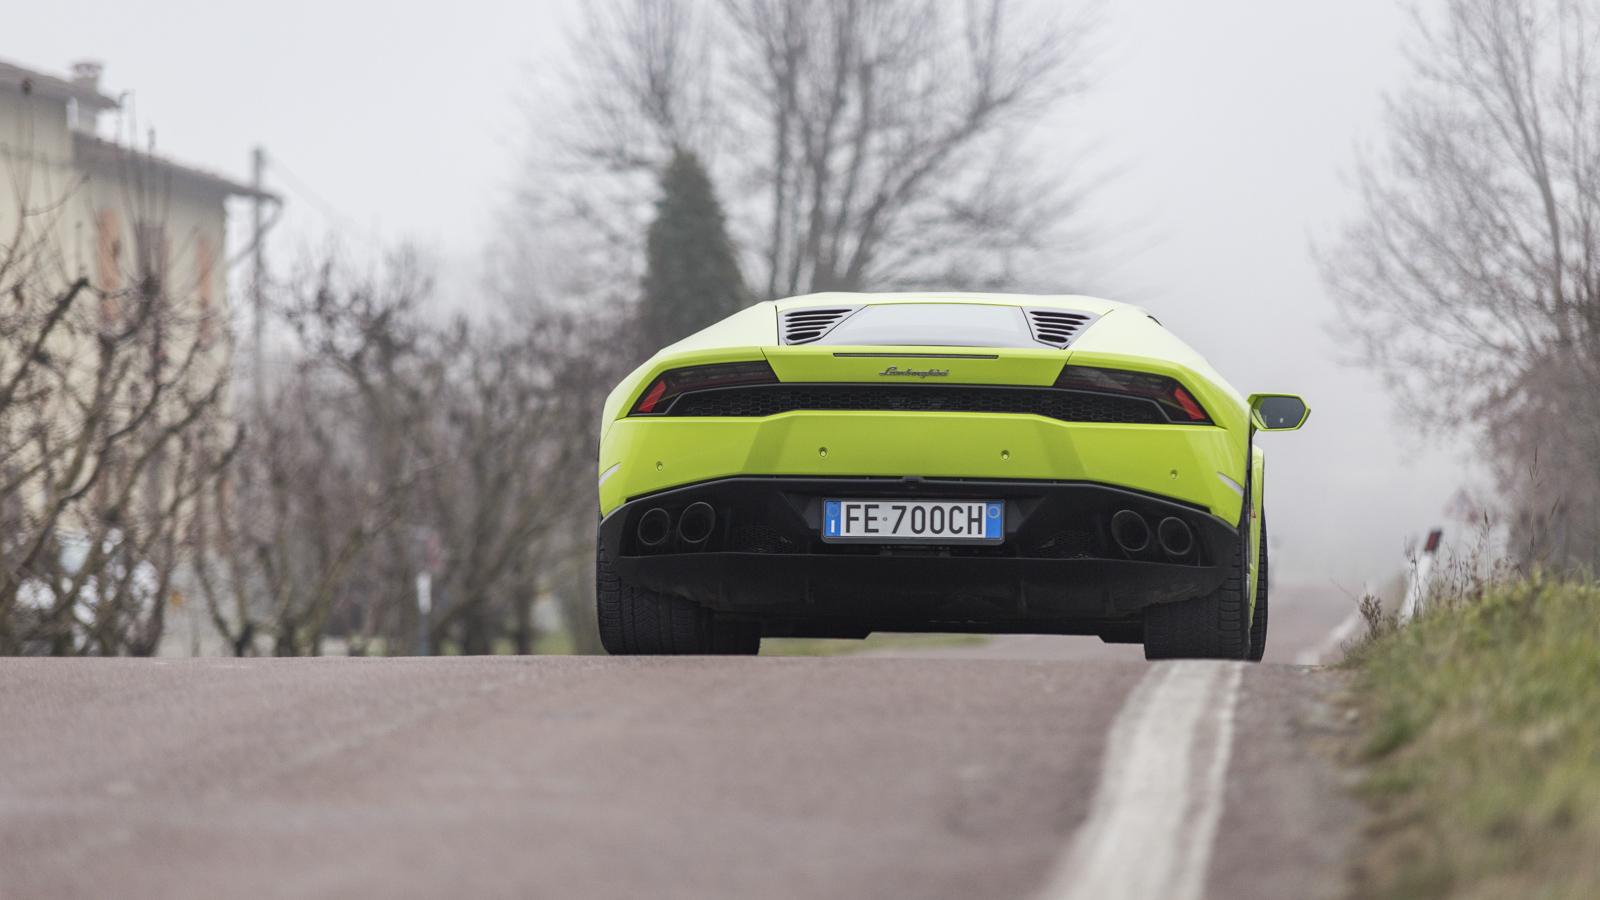 Test_Drive_Lamborghini_Huracan_LP610-4_13